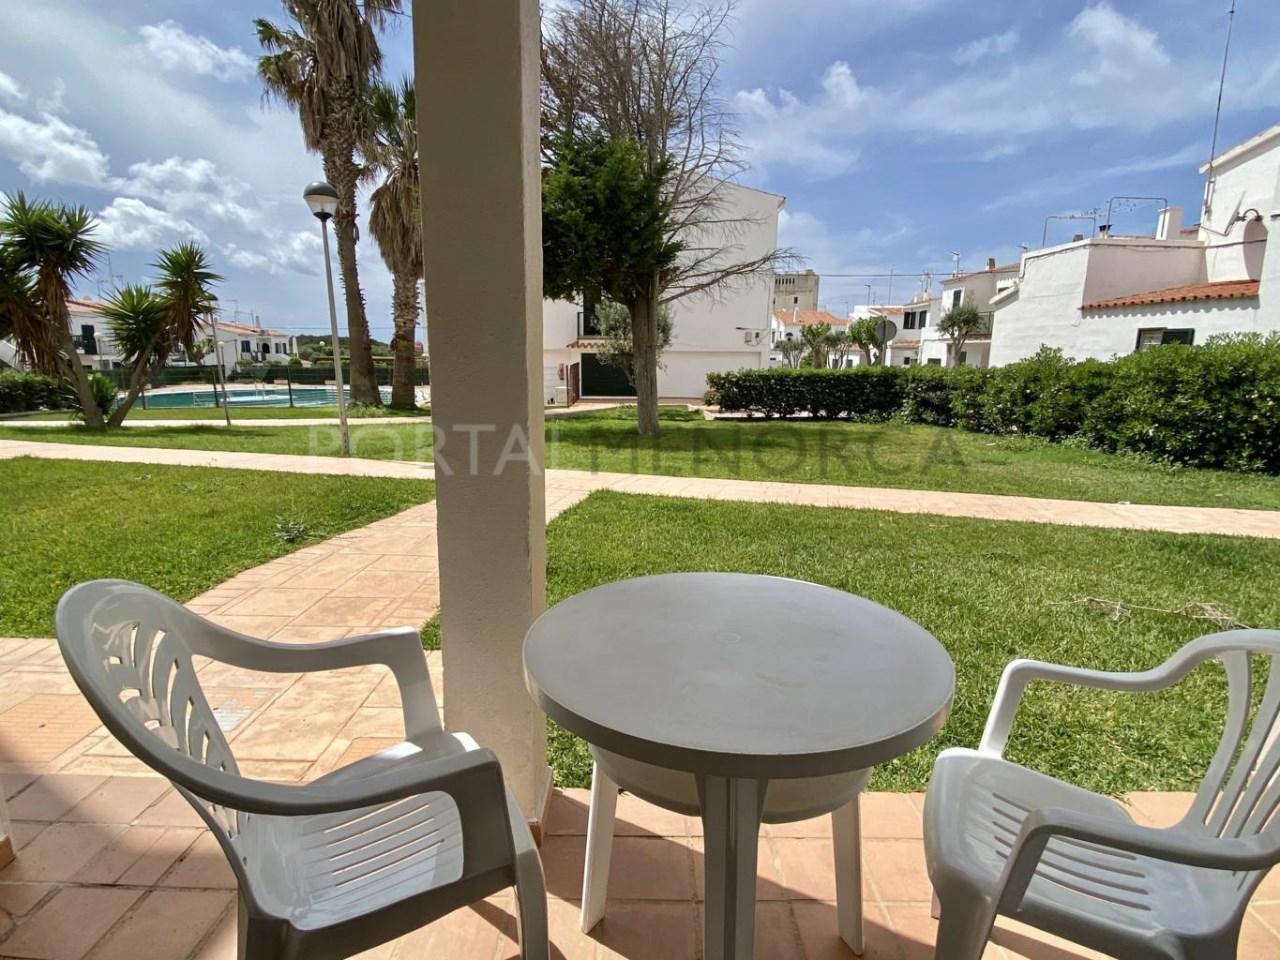 Apartamento en venta en Calan Blanes terraza 1 FM